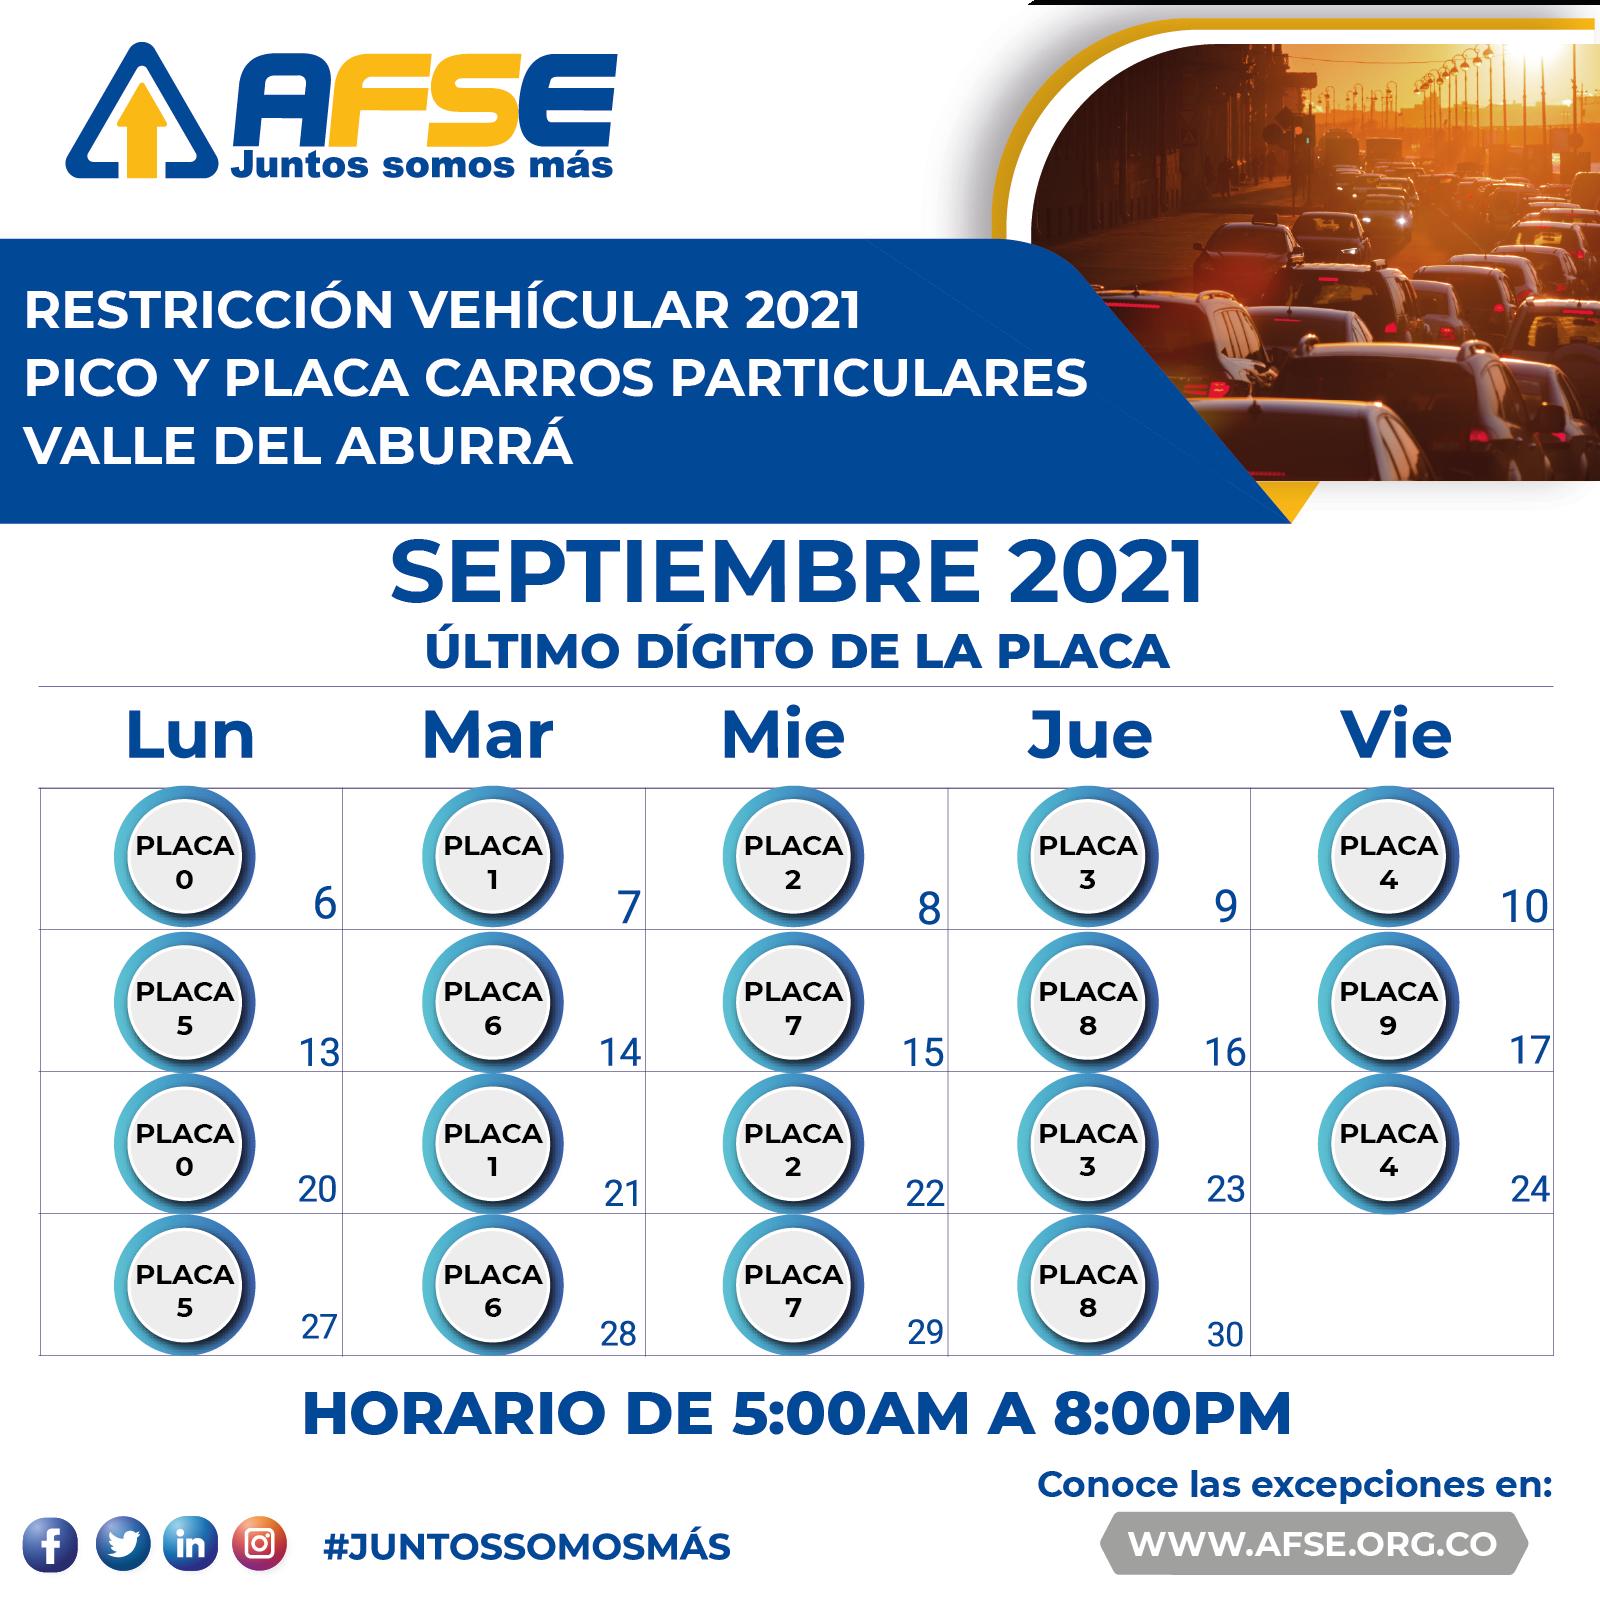 Pico y placa en el Valle del Aburrá a partir 6 de septiembre 2021